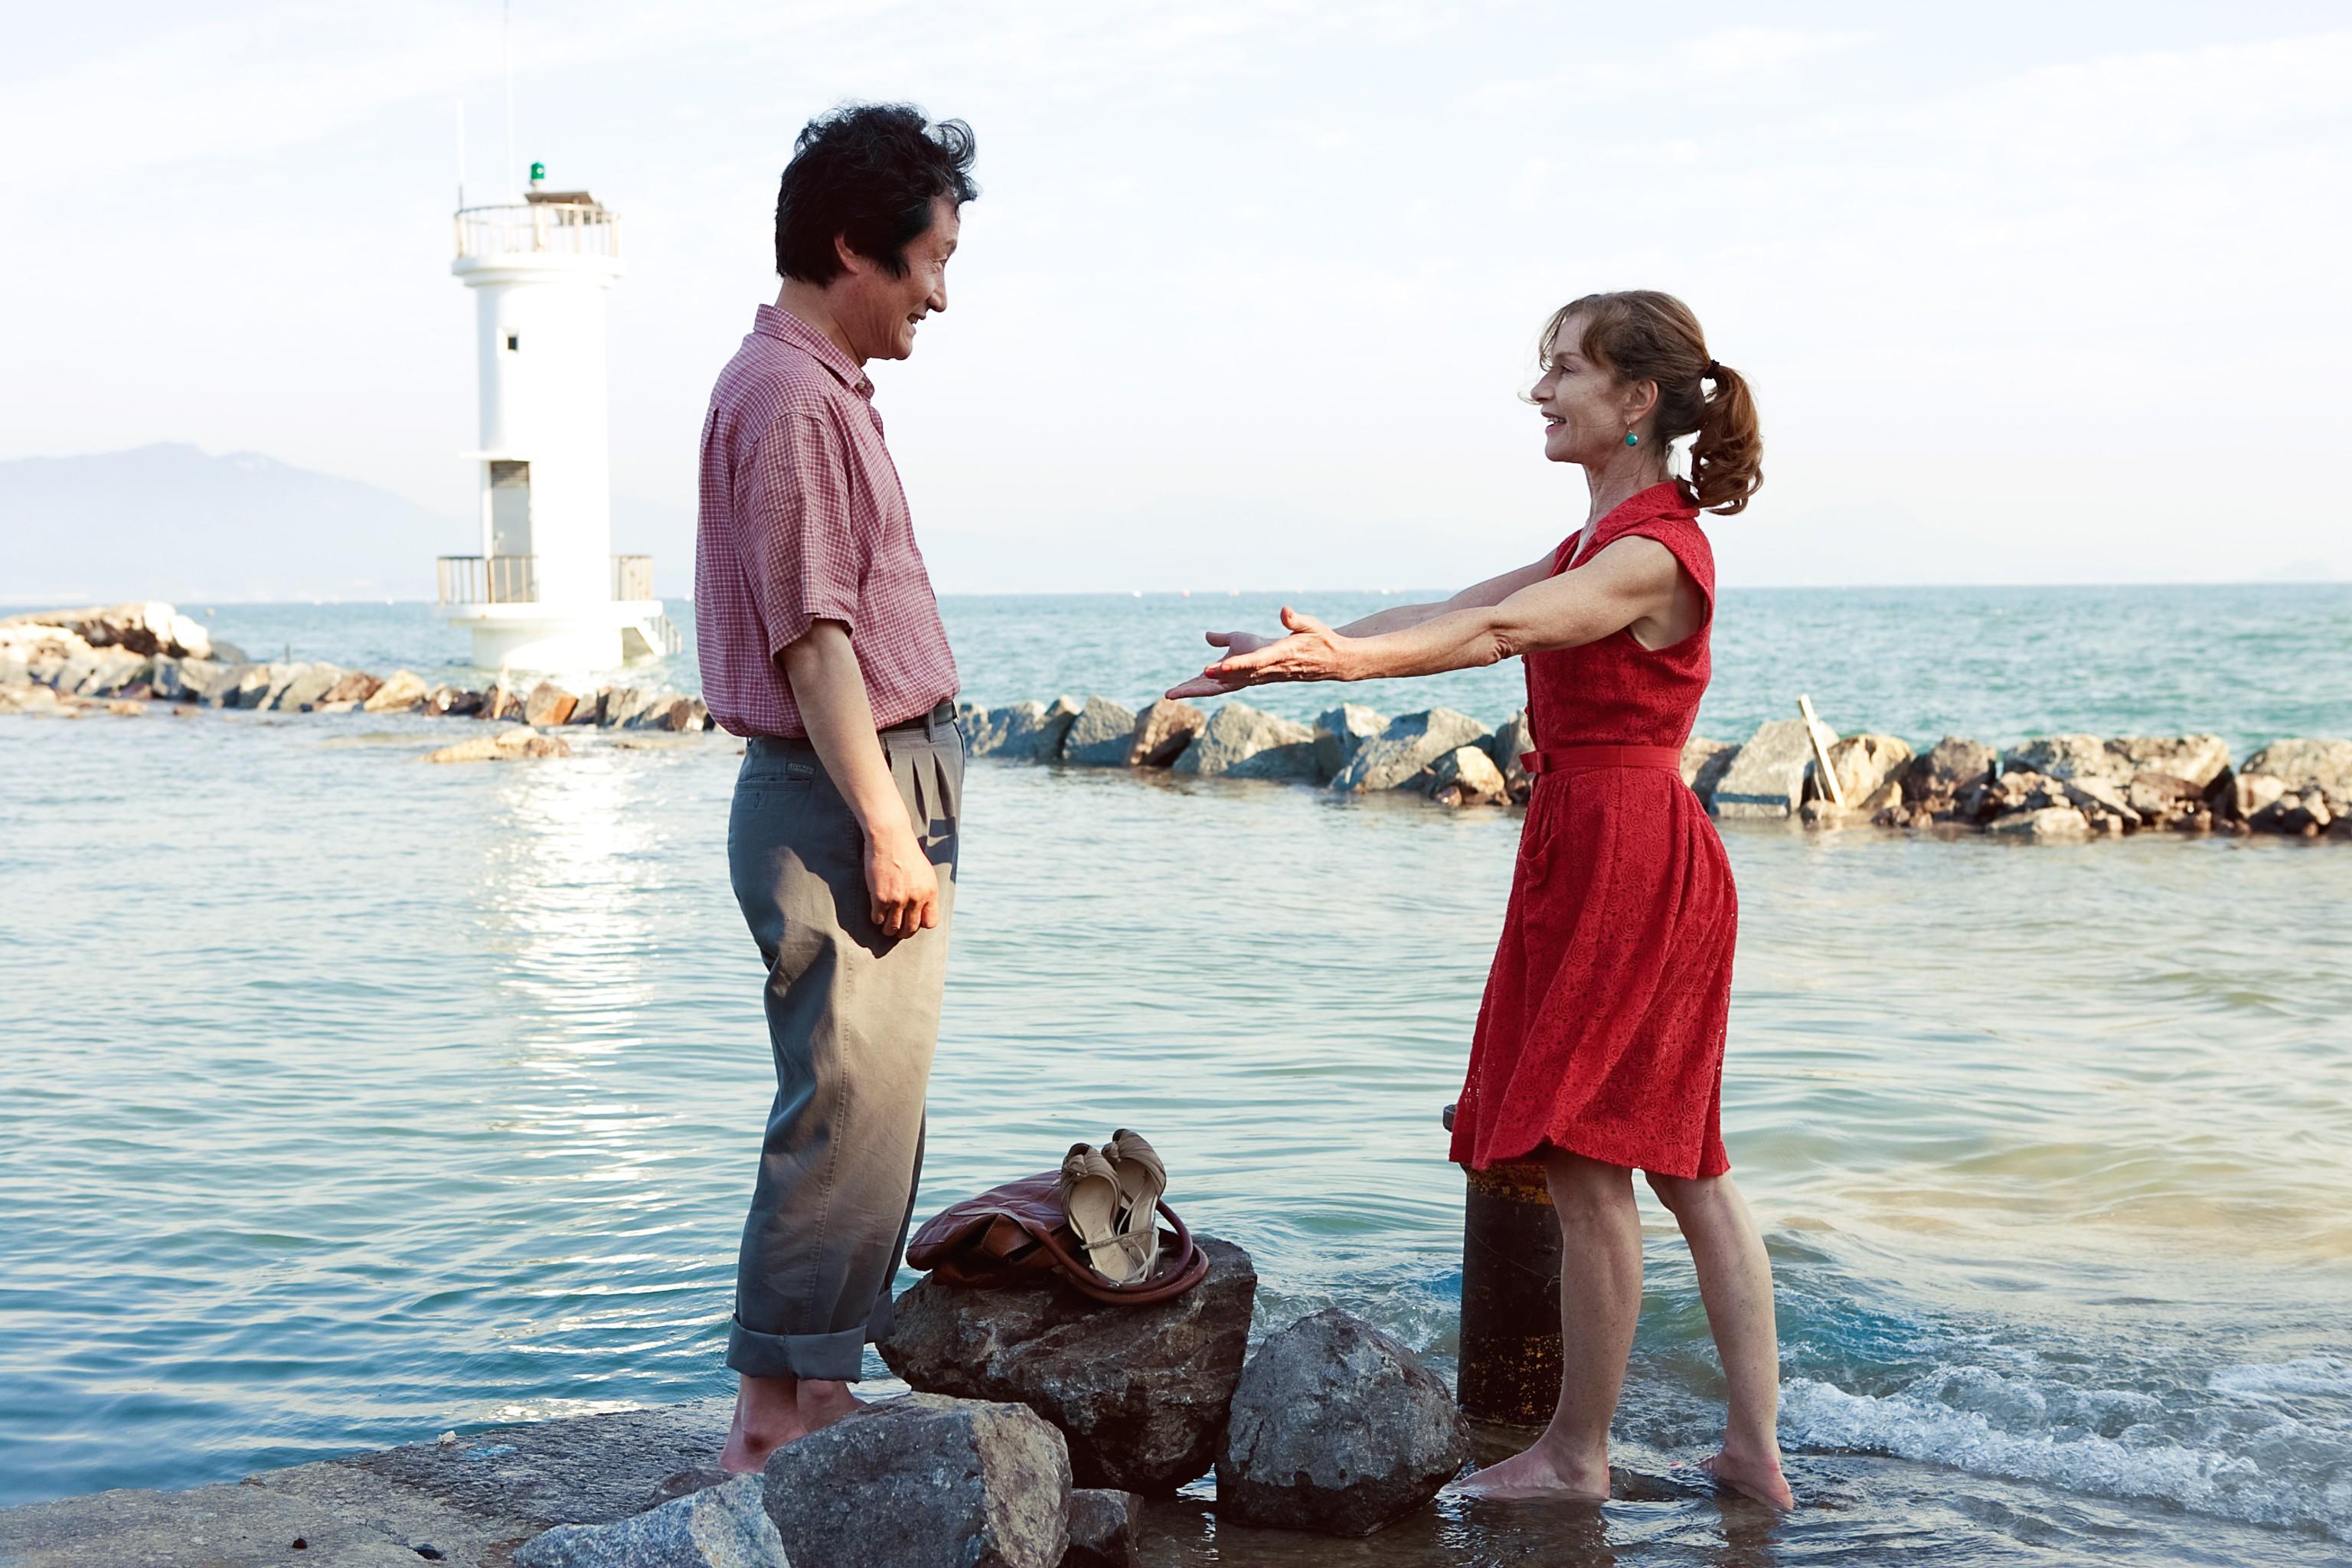 кадры из фильма В другой стране Ю Чжун-Сан, Изабелль Юппер,